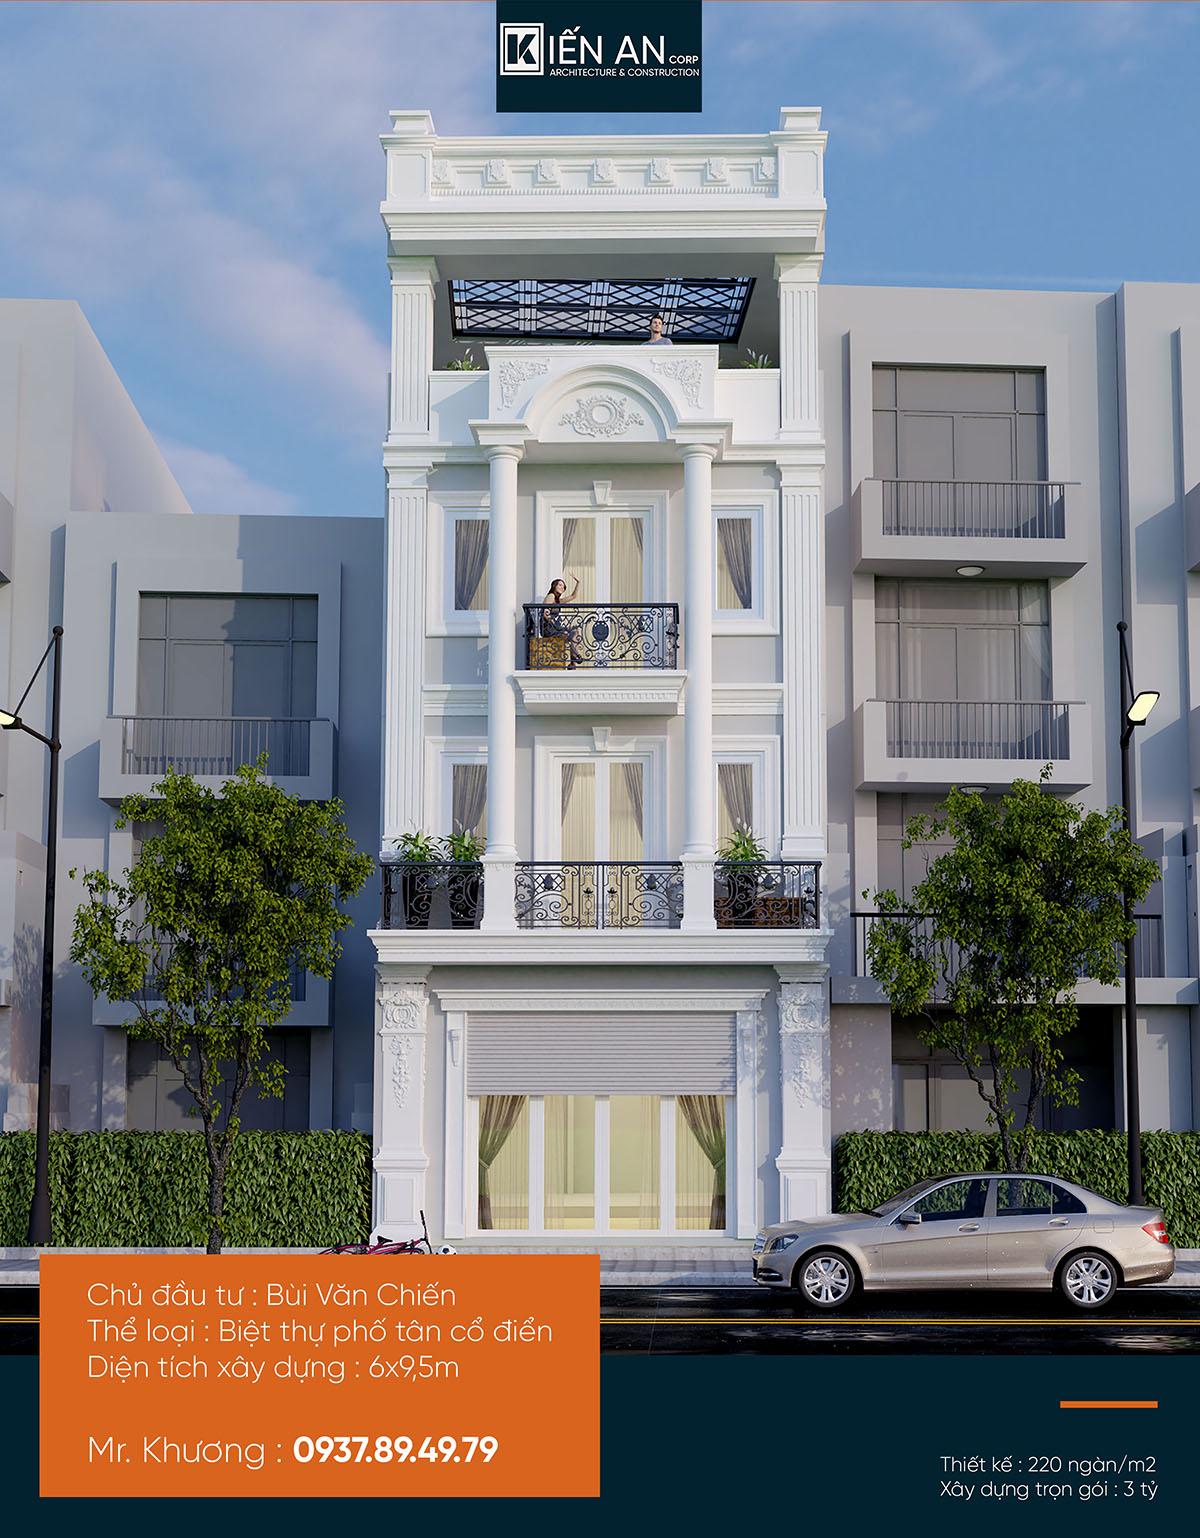 Mẫu nhà phố đẹp 4 tầng – Thiết kế nhà phố cổ điển anh Chiến quận Tân Phú, TP.HCM.